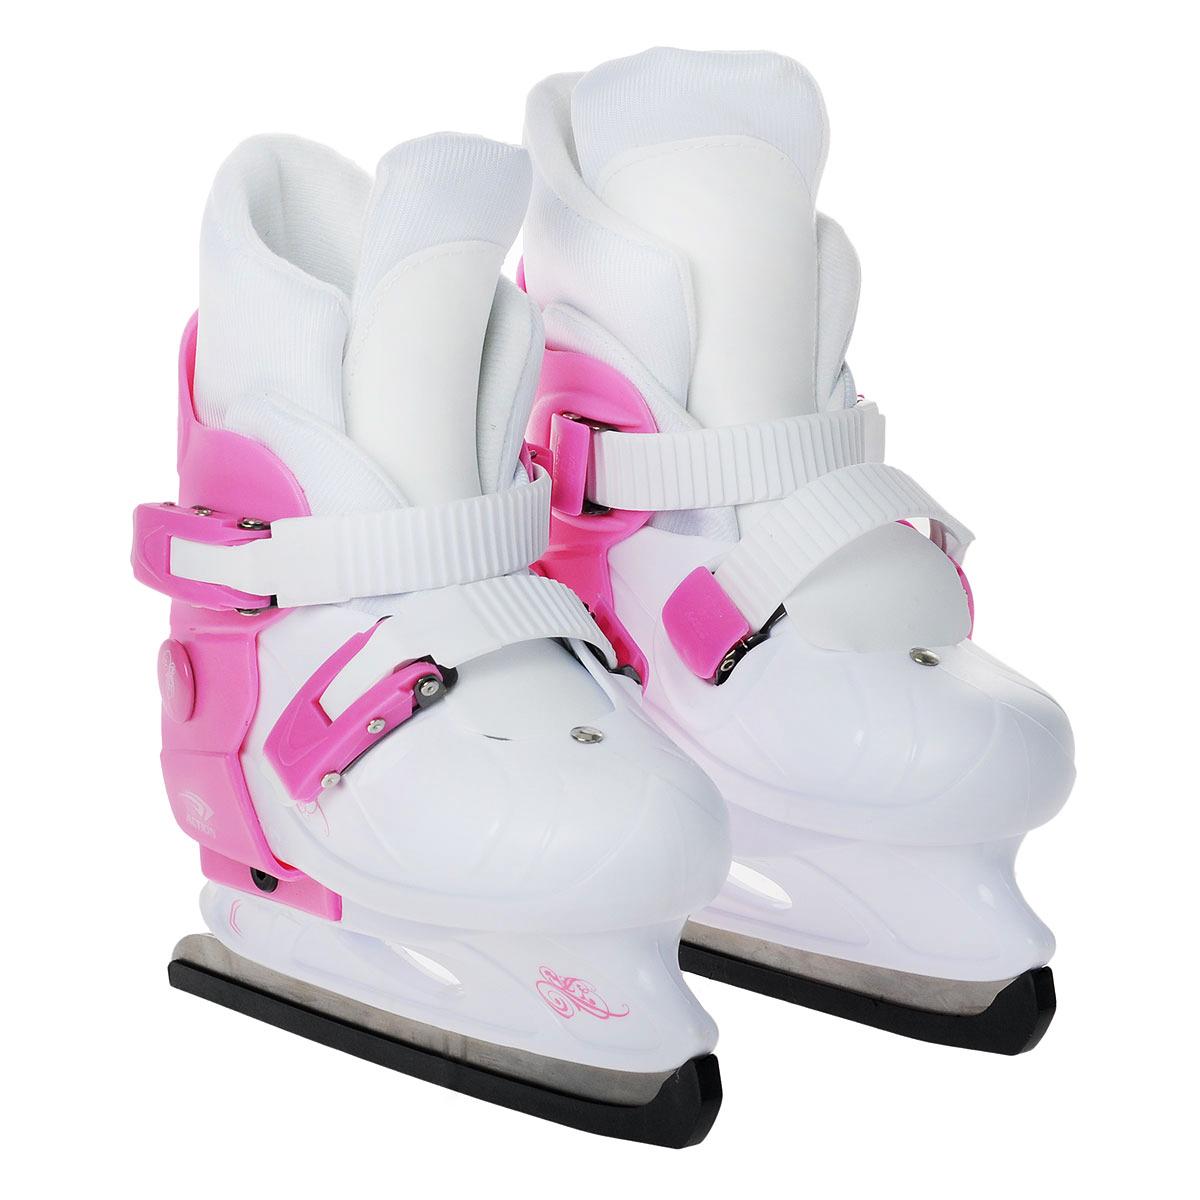 Коньки ледовые детские Action, раздвижные, цвет: розовый, белый. PW-219. Размер 29/32 Action PW-219-1 2013-2014 Pink-White_29/32